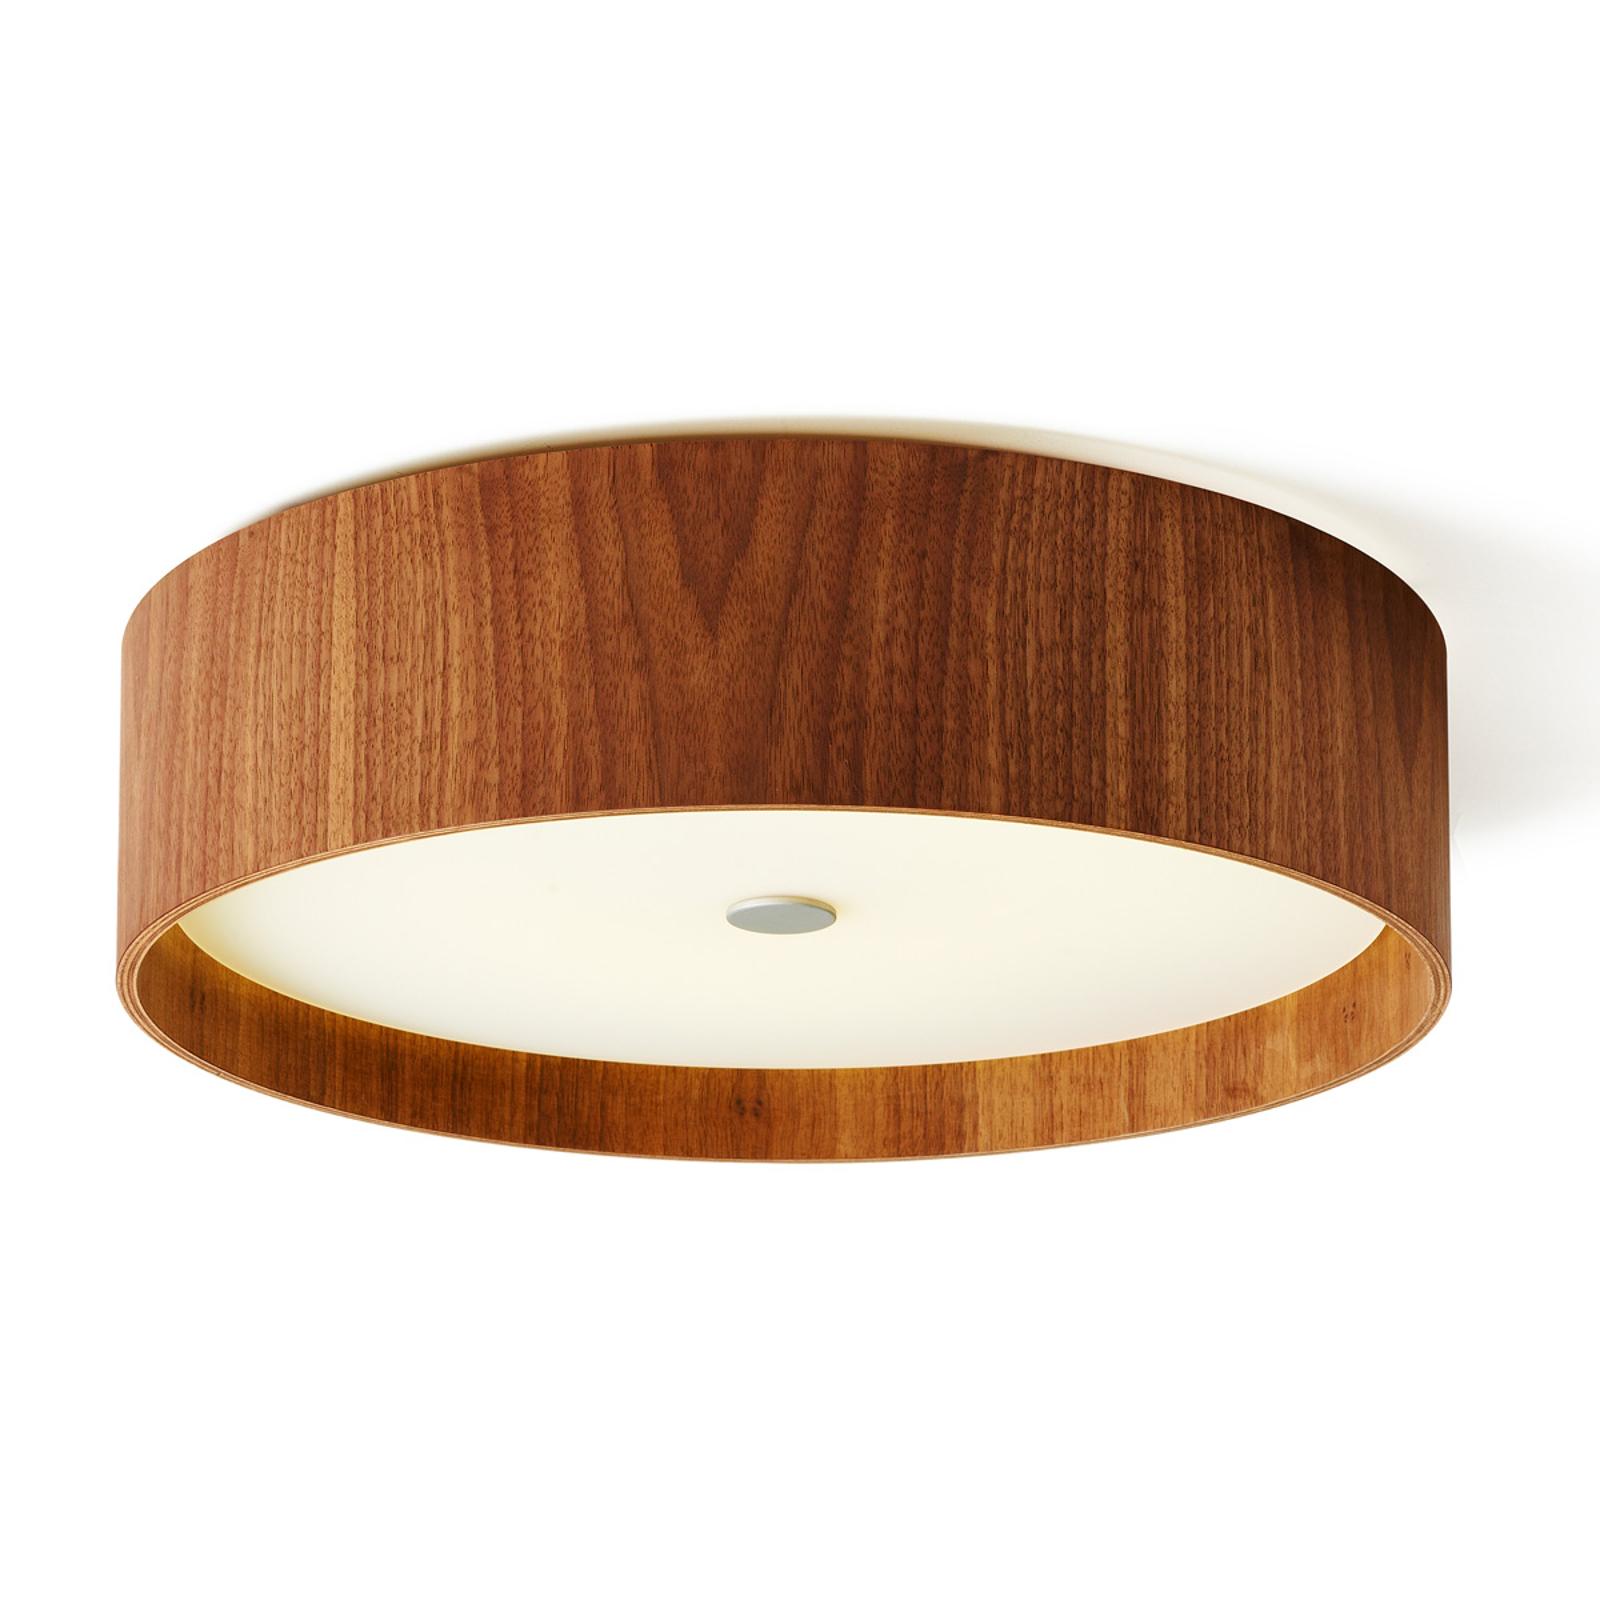 Plafoniera LED Lara wood in noce da 43cm